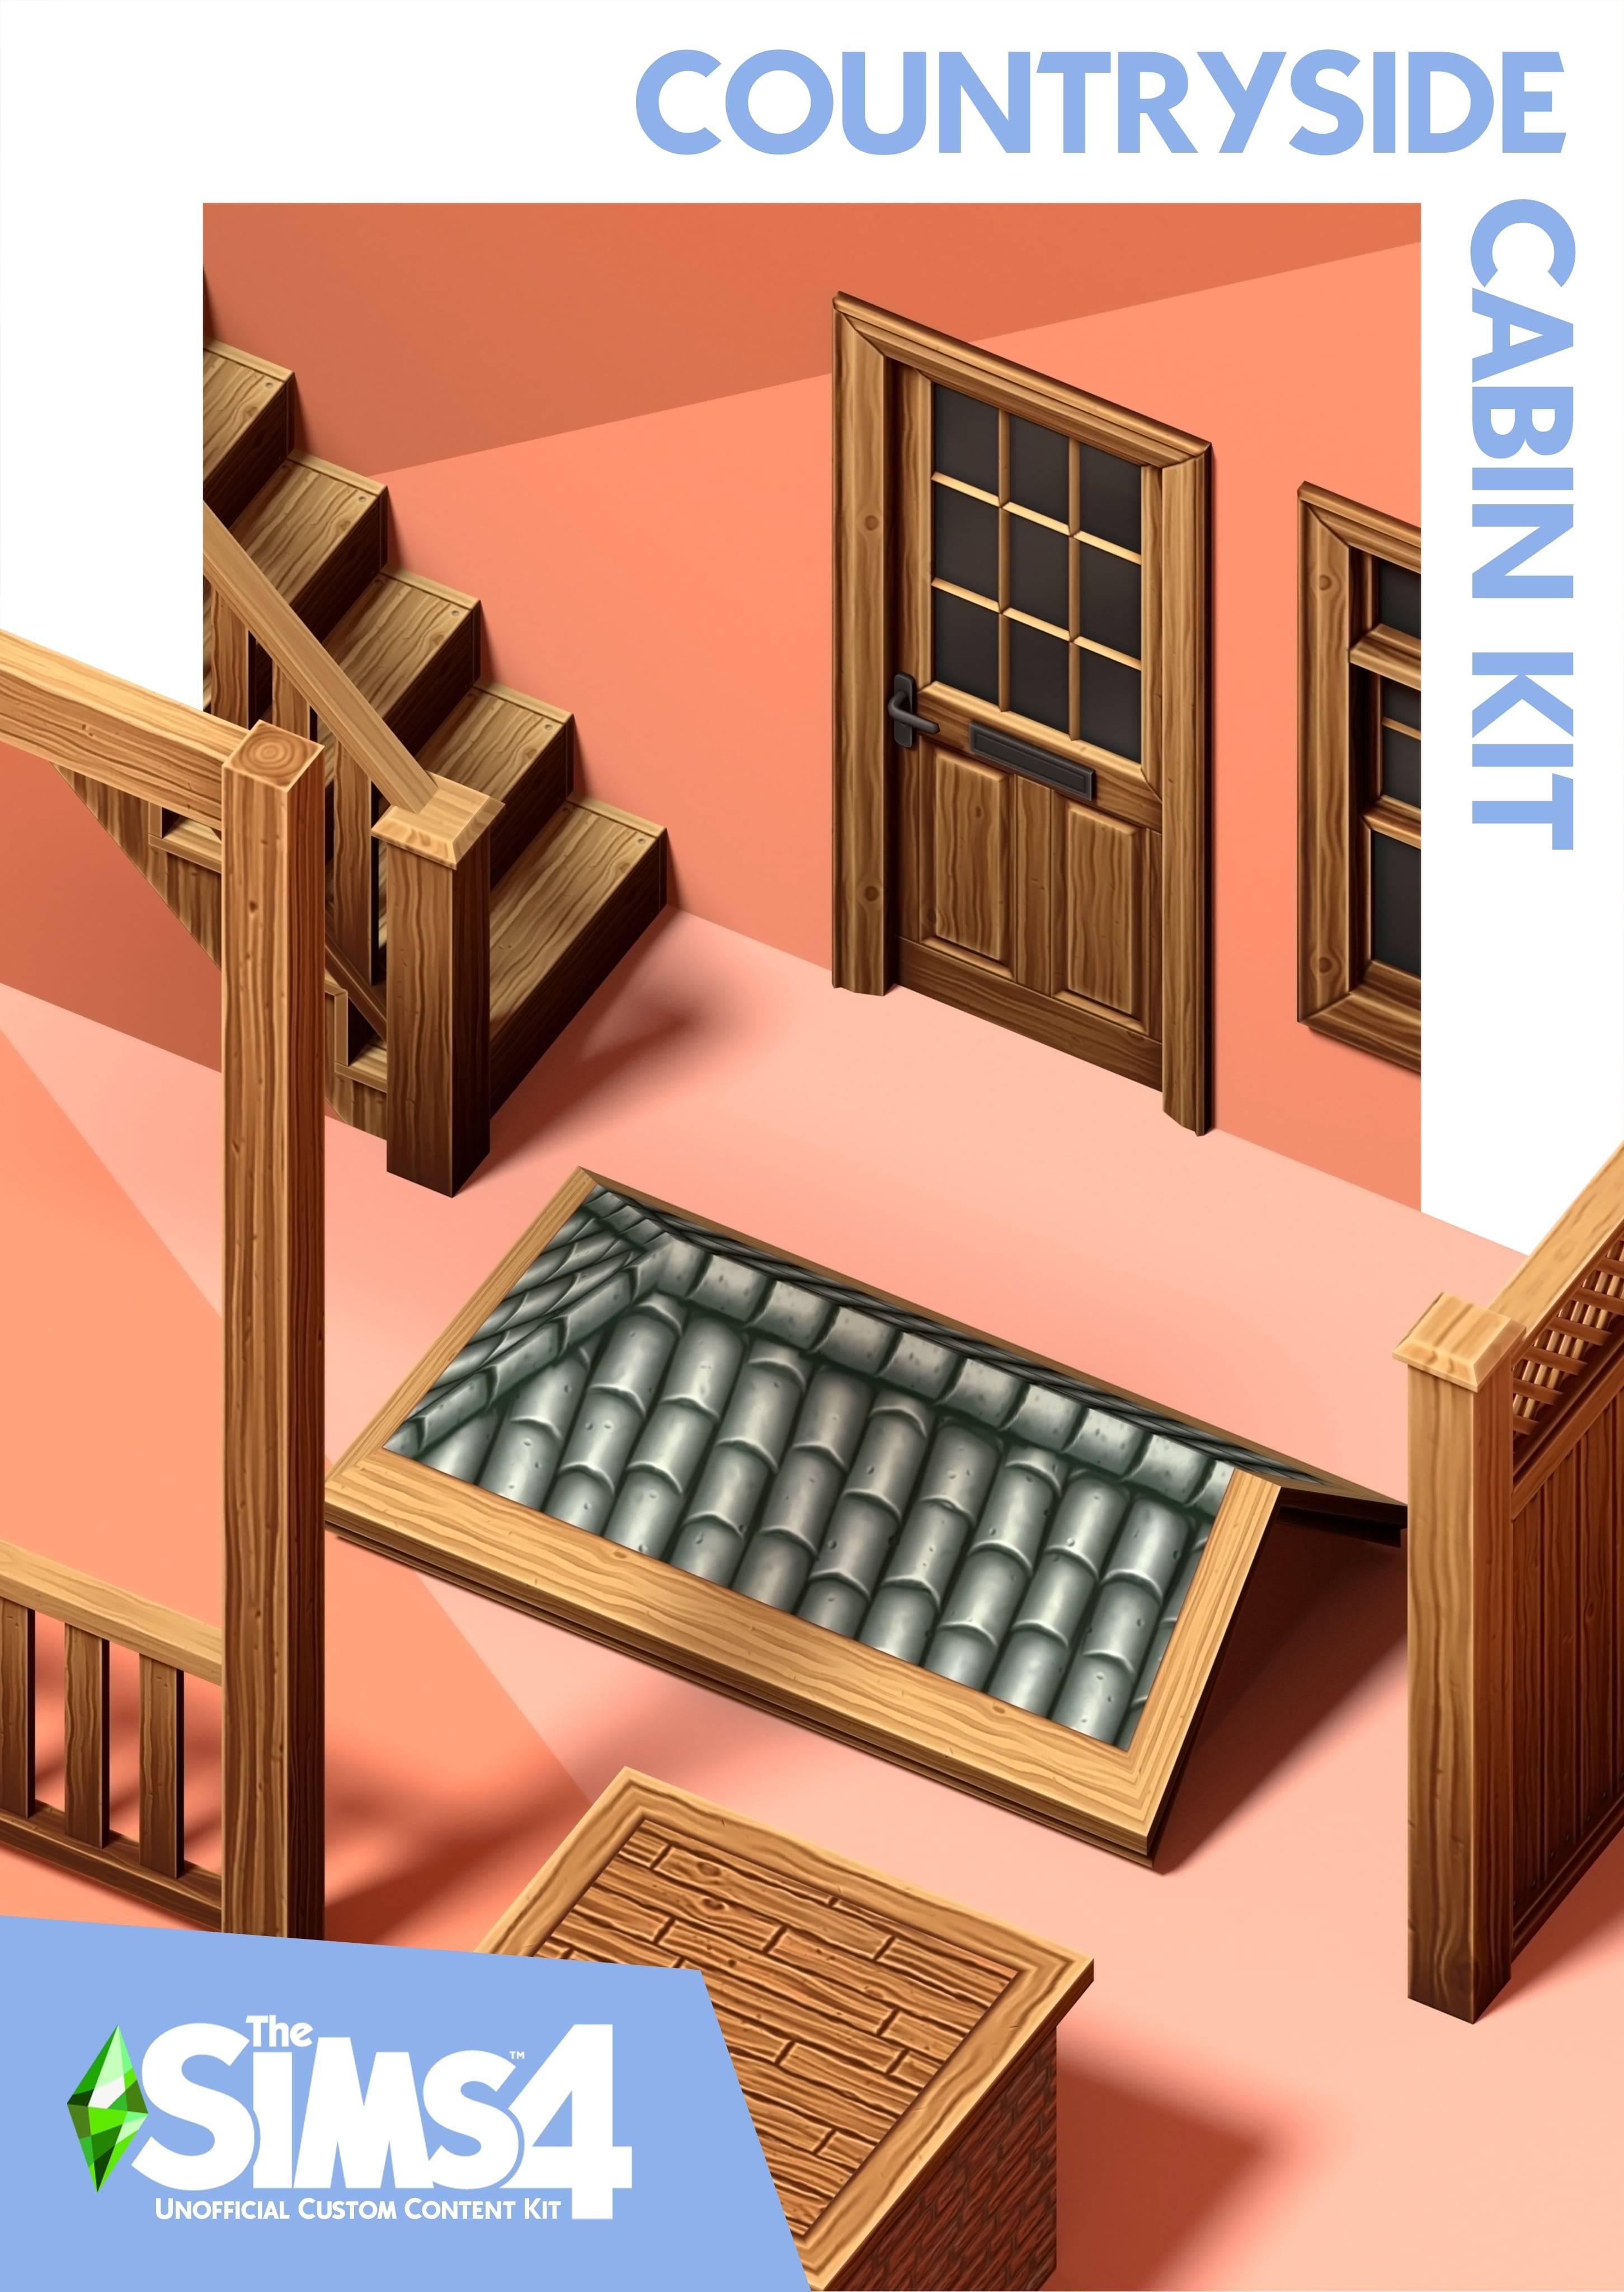 Строительный комплект - The Sims 4 Countryside Cabin Kit